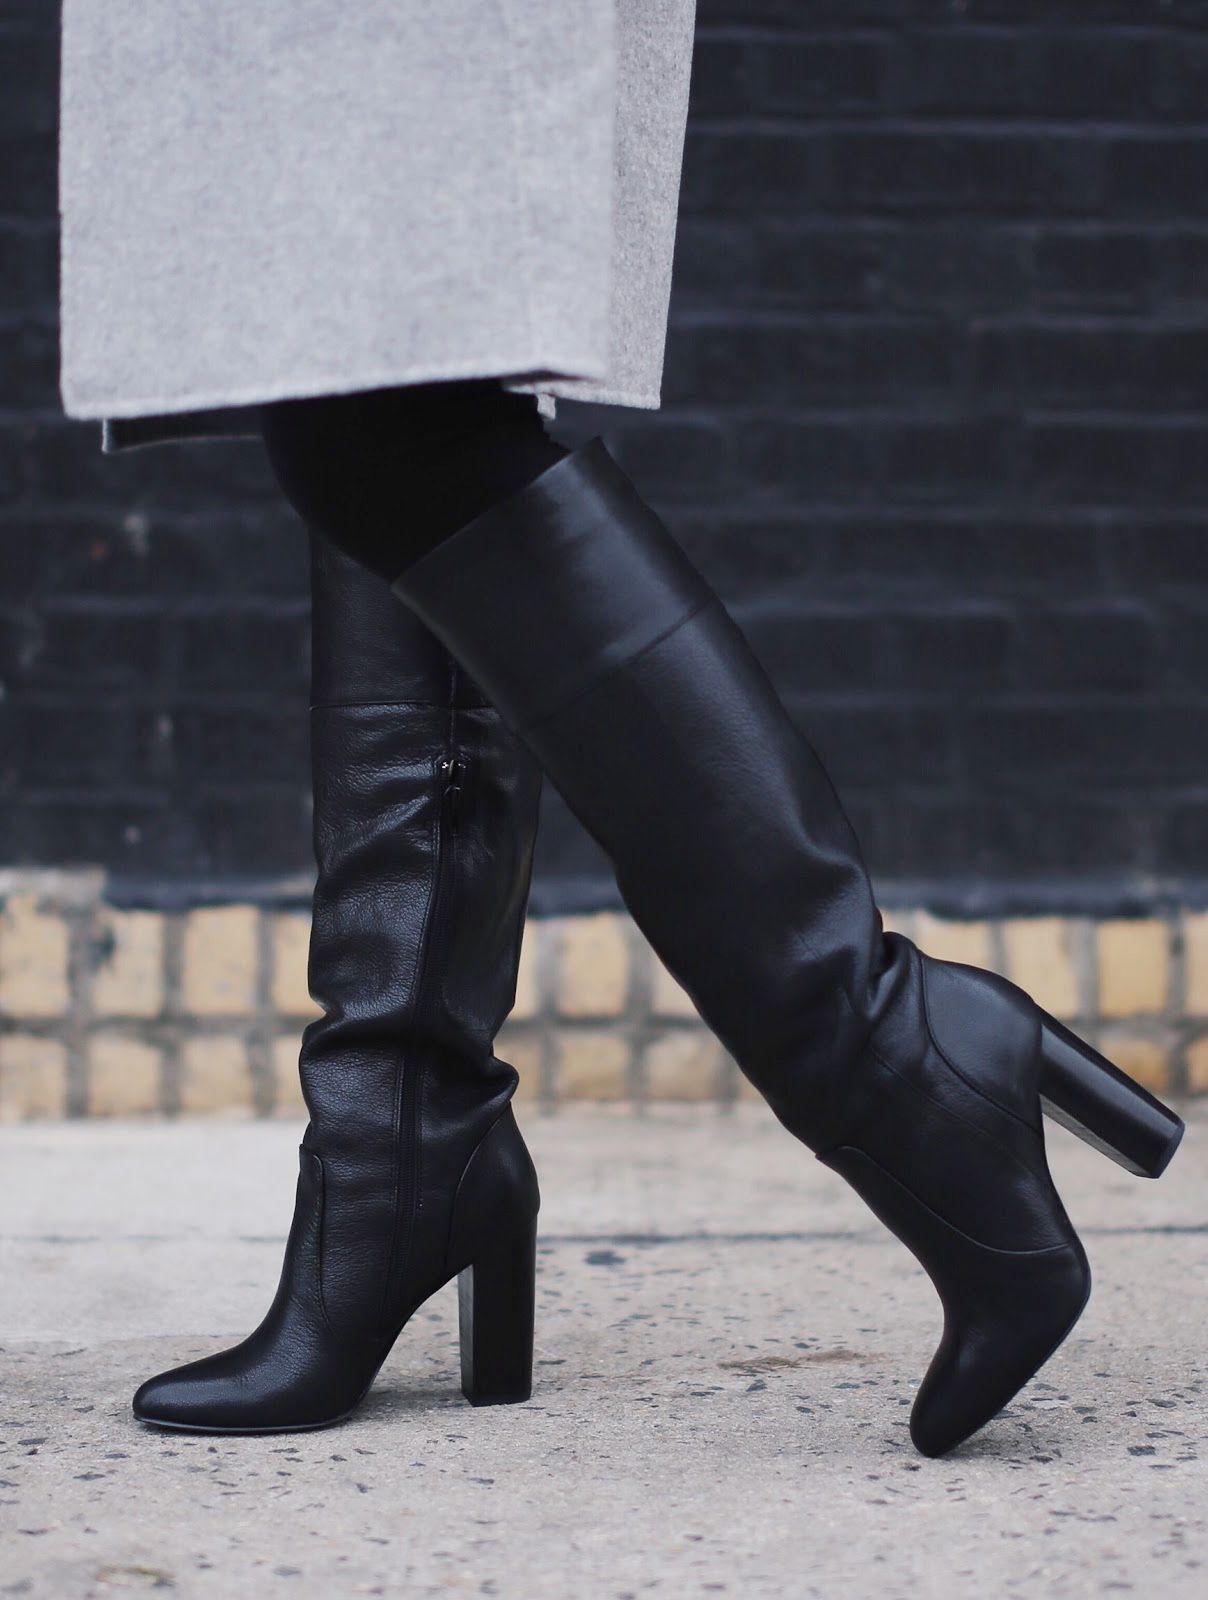 Alyssa Lenore keeps warm in style in